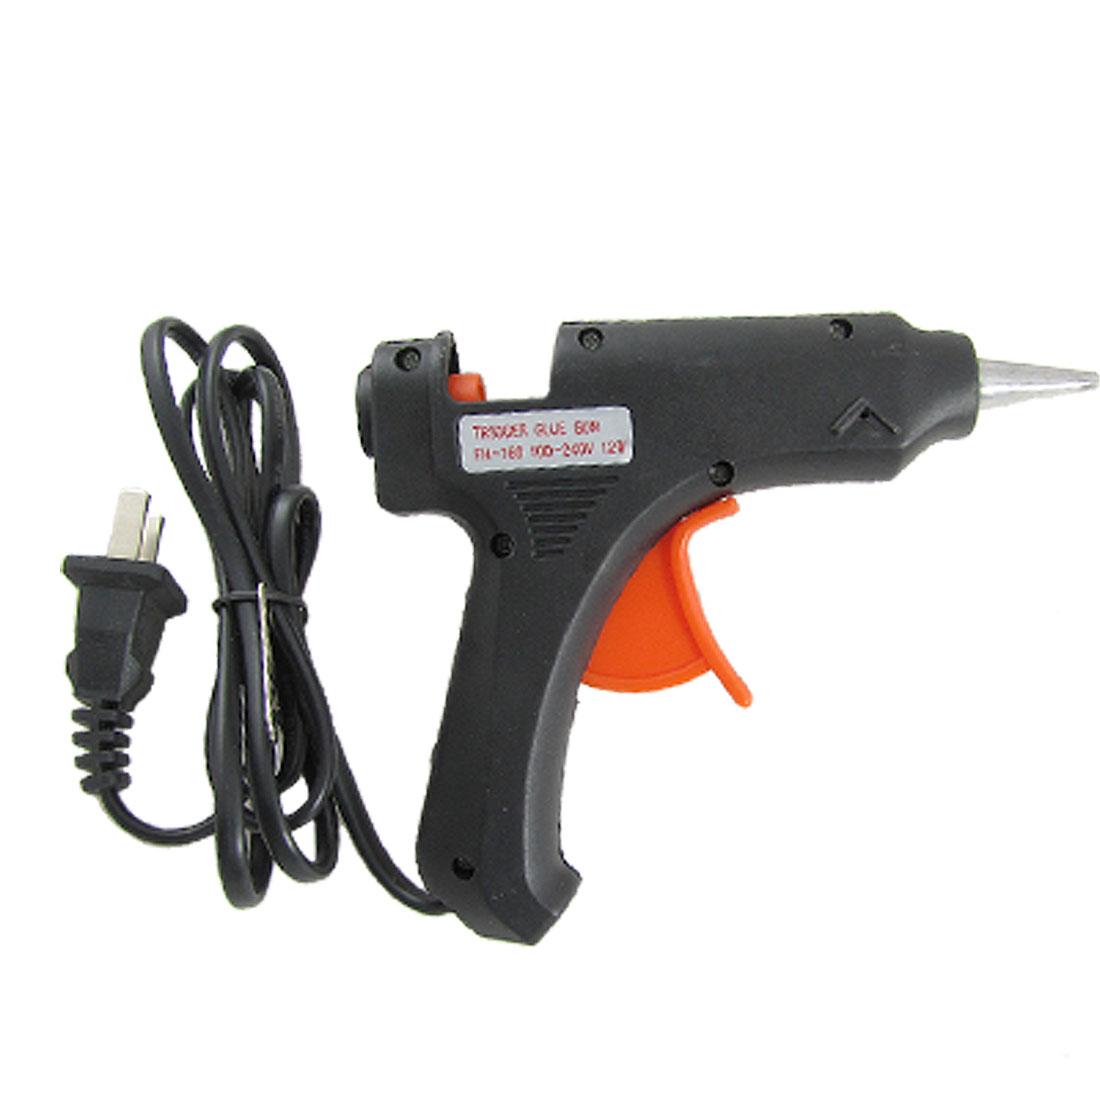 Electric AC 100-240V 12W Heat Hot Melt Glue Gun Black US Plug